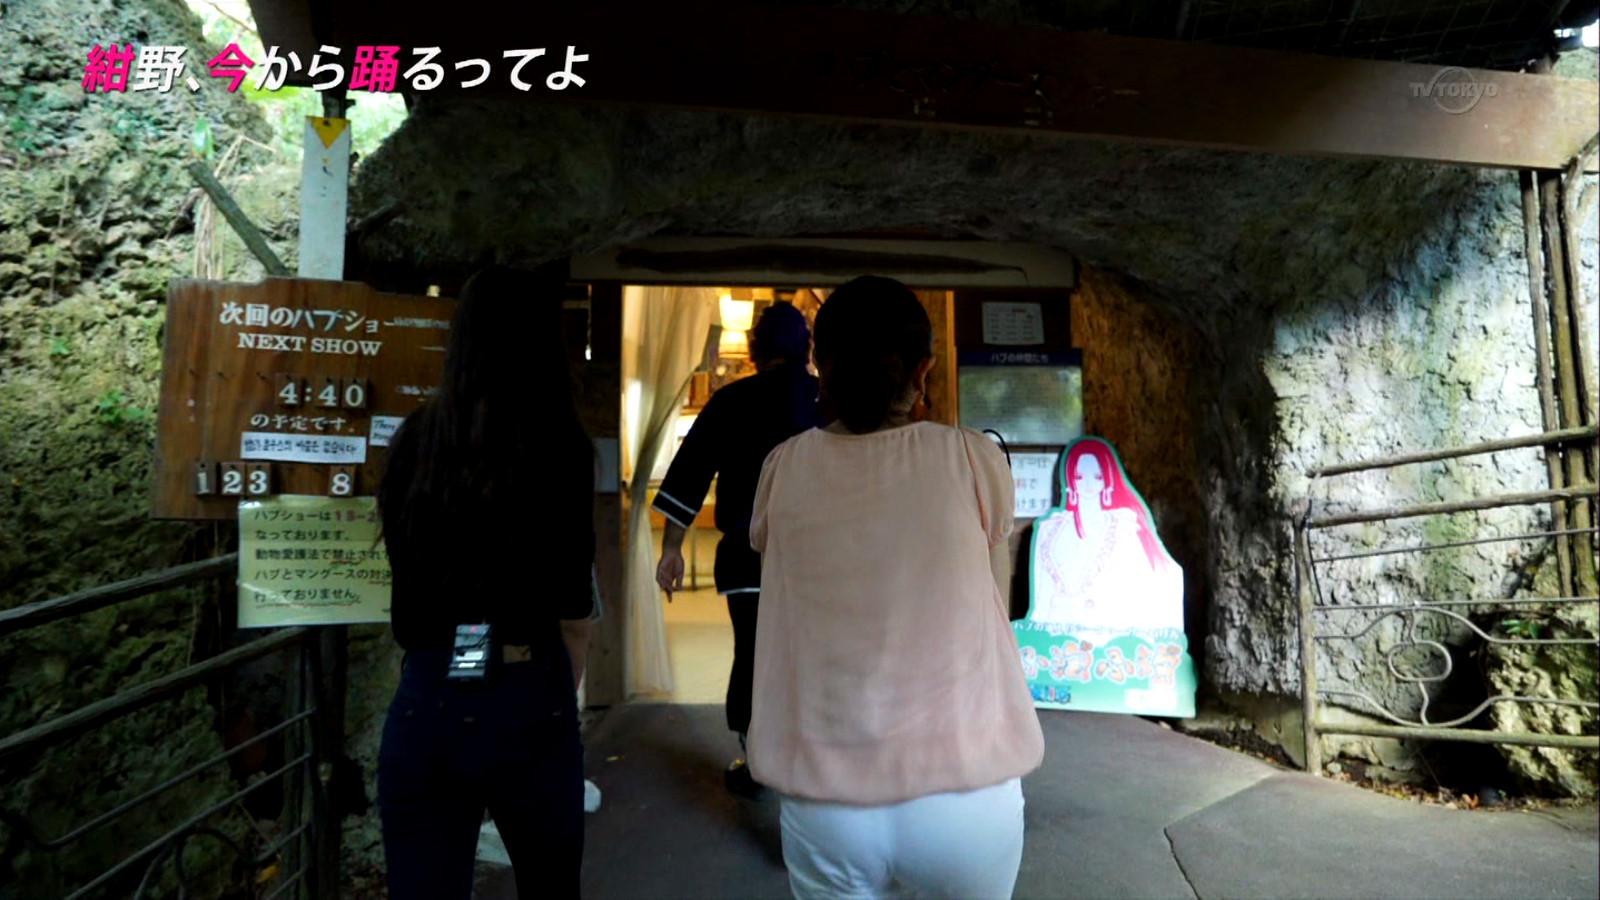 テレビに映ったエロシーンキャプ画像2